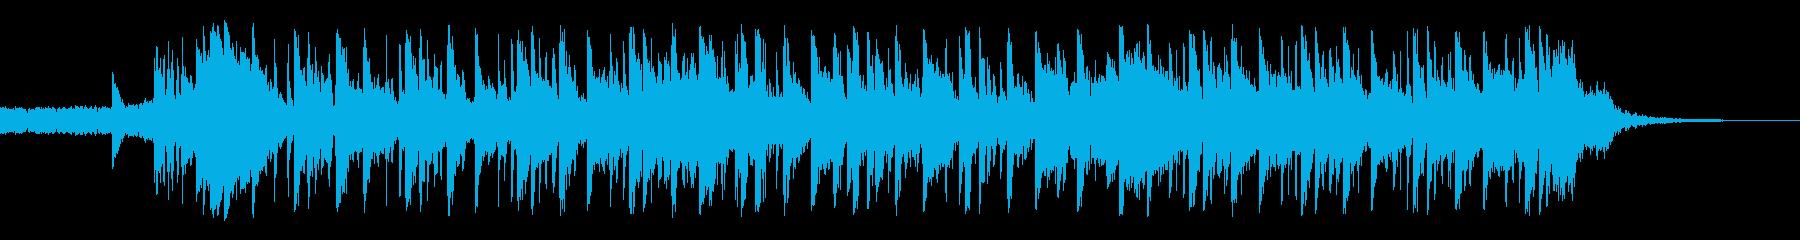 汚れた代替ロックテーマの再生済みの波形